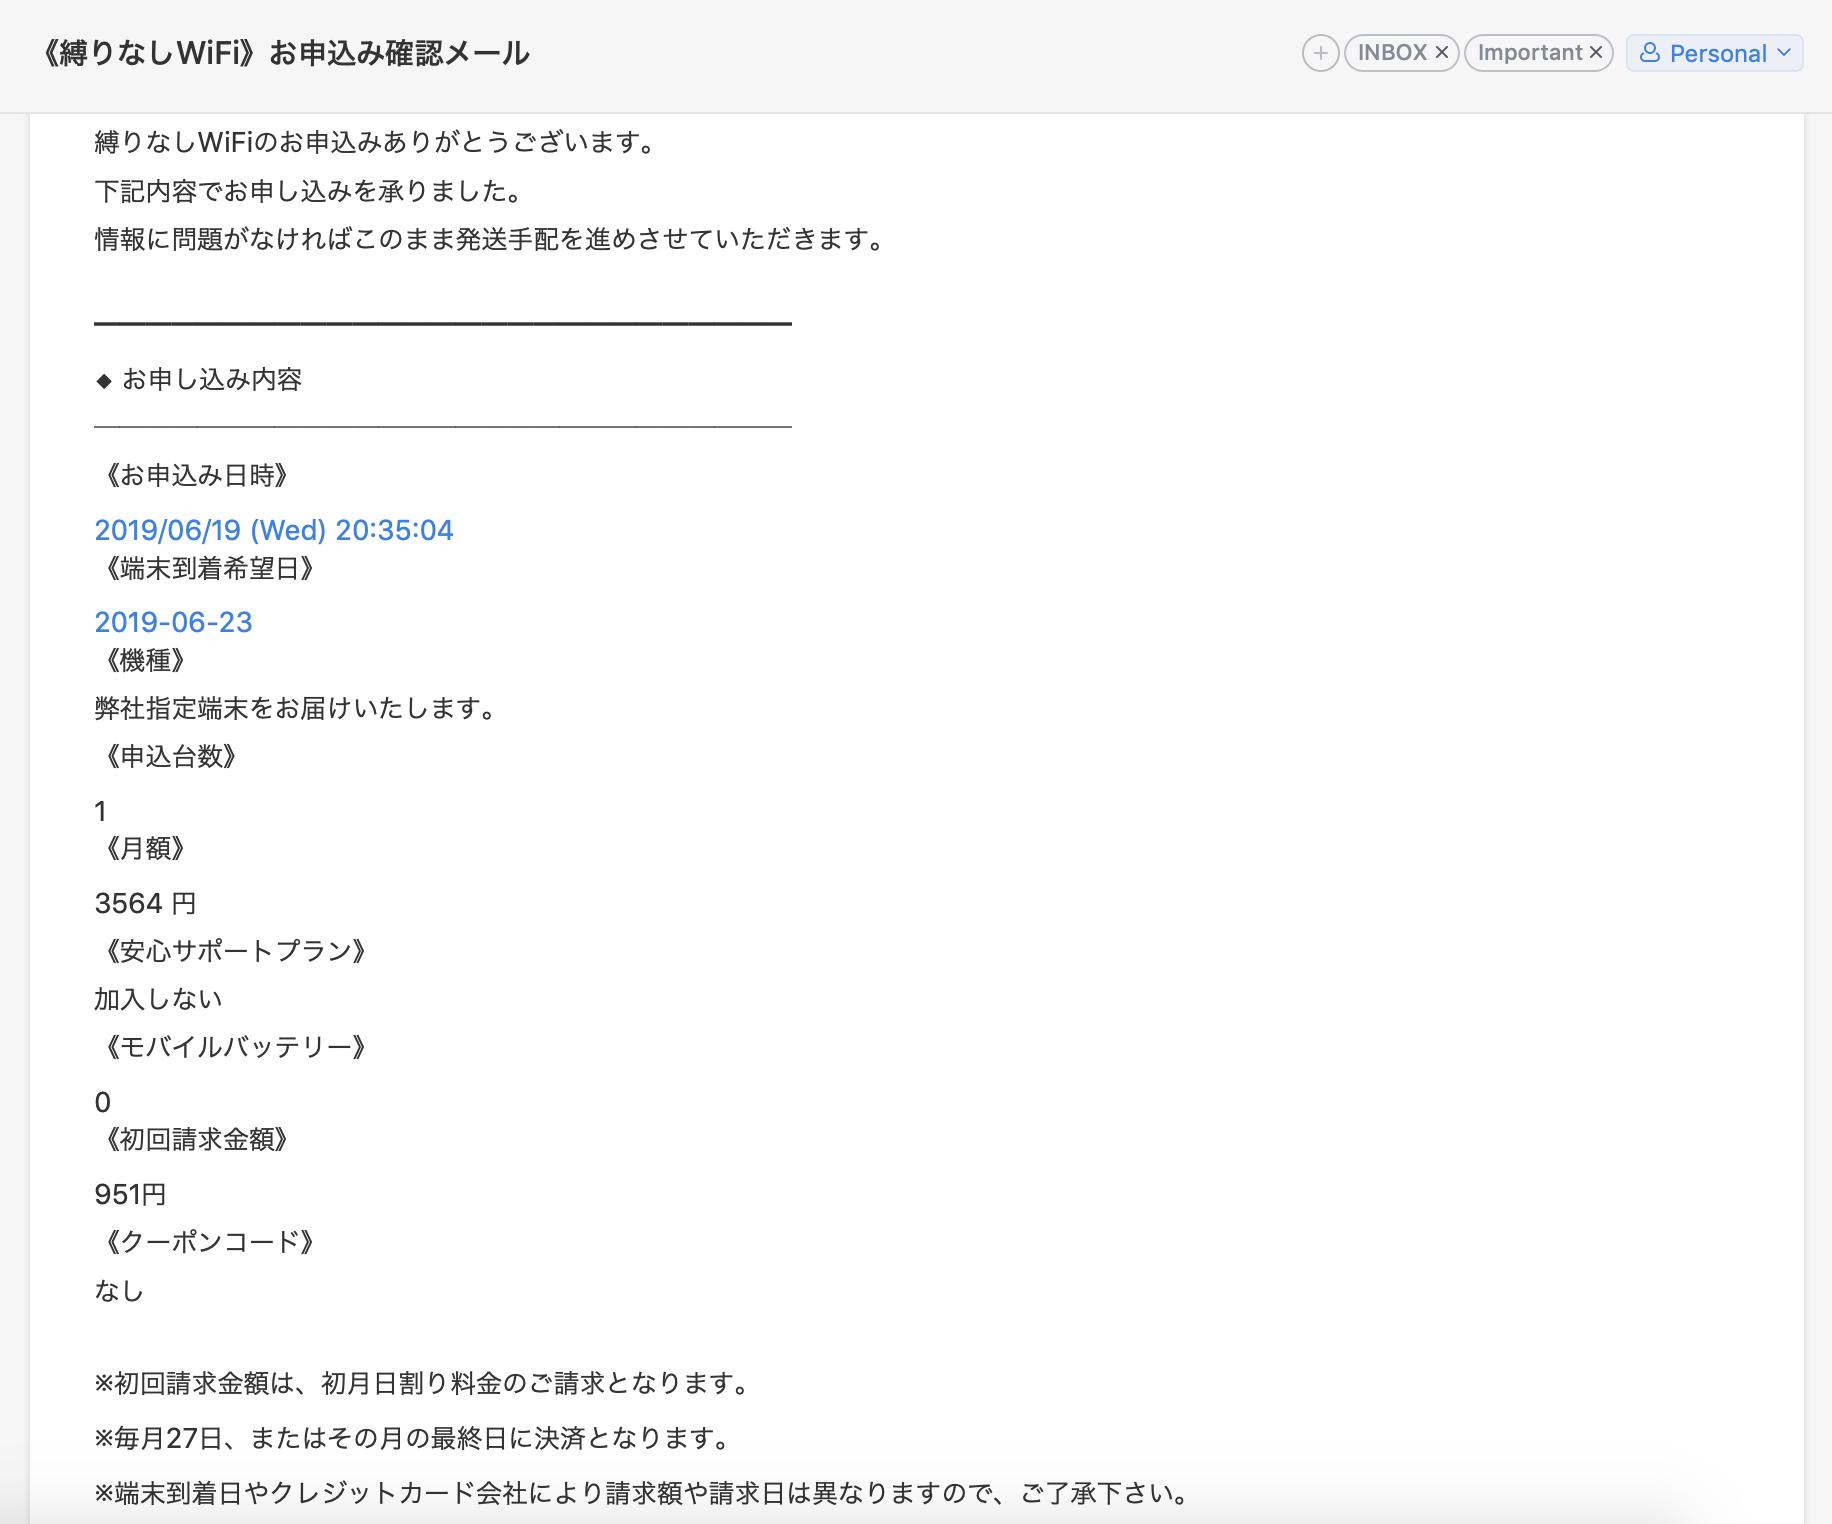 縛りなしWiFi申し込み完了メール